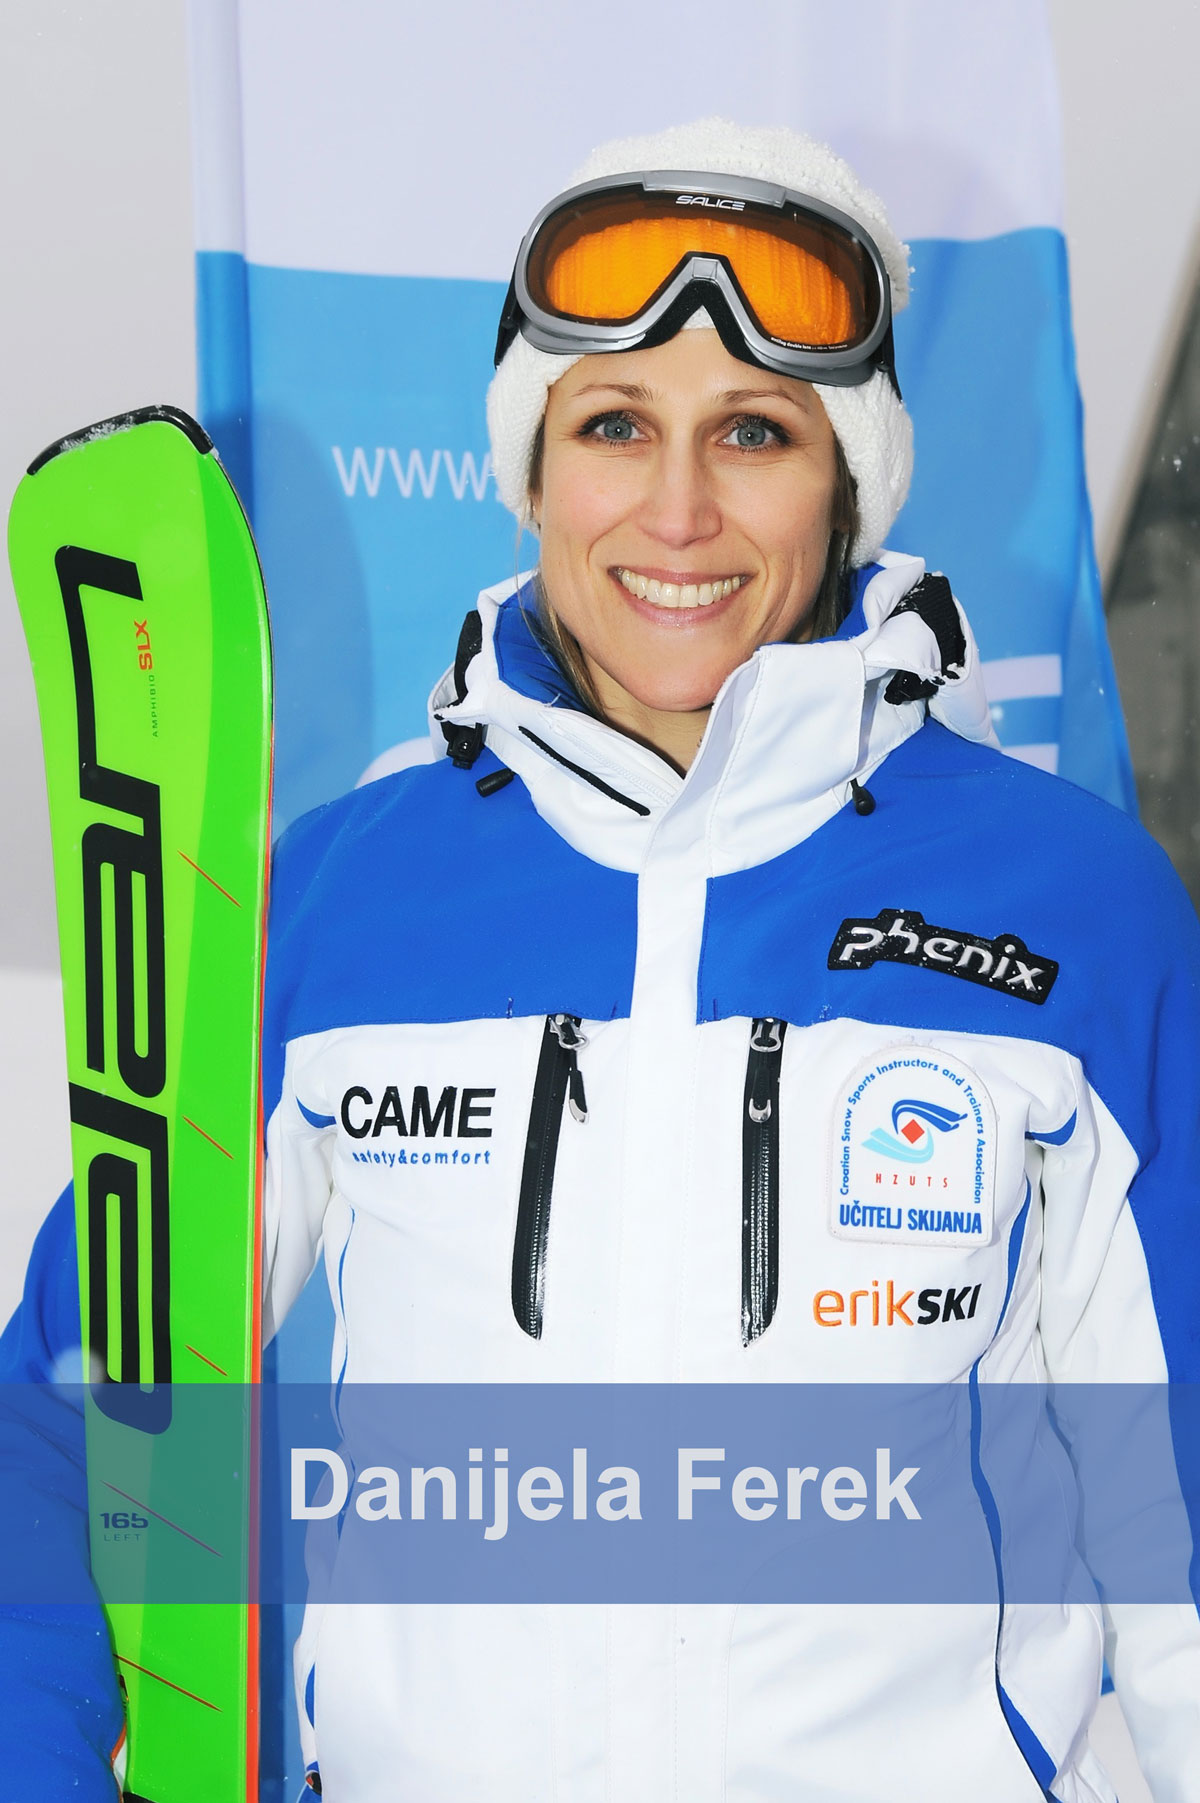 Danijela Ferek